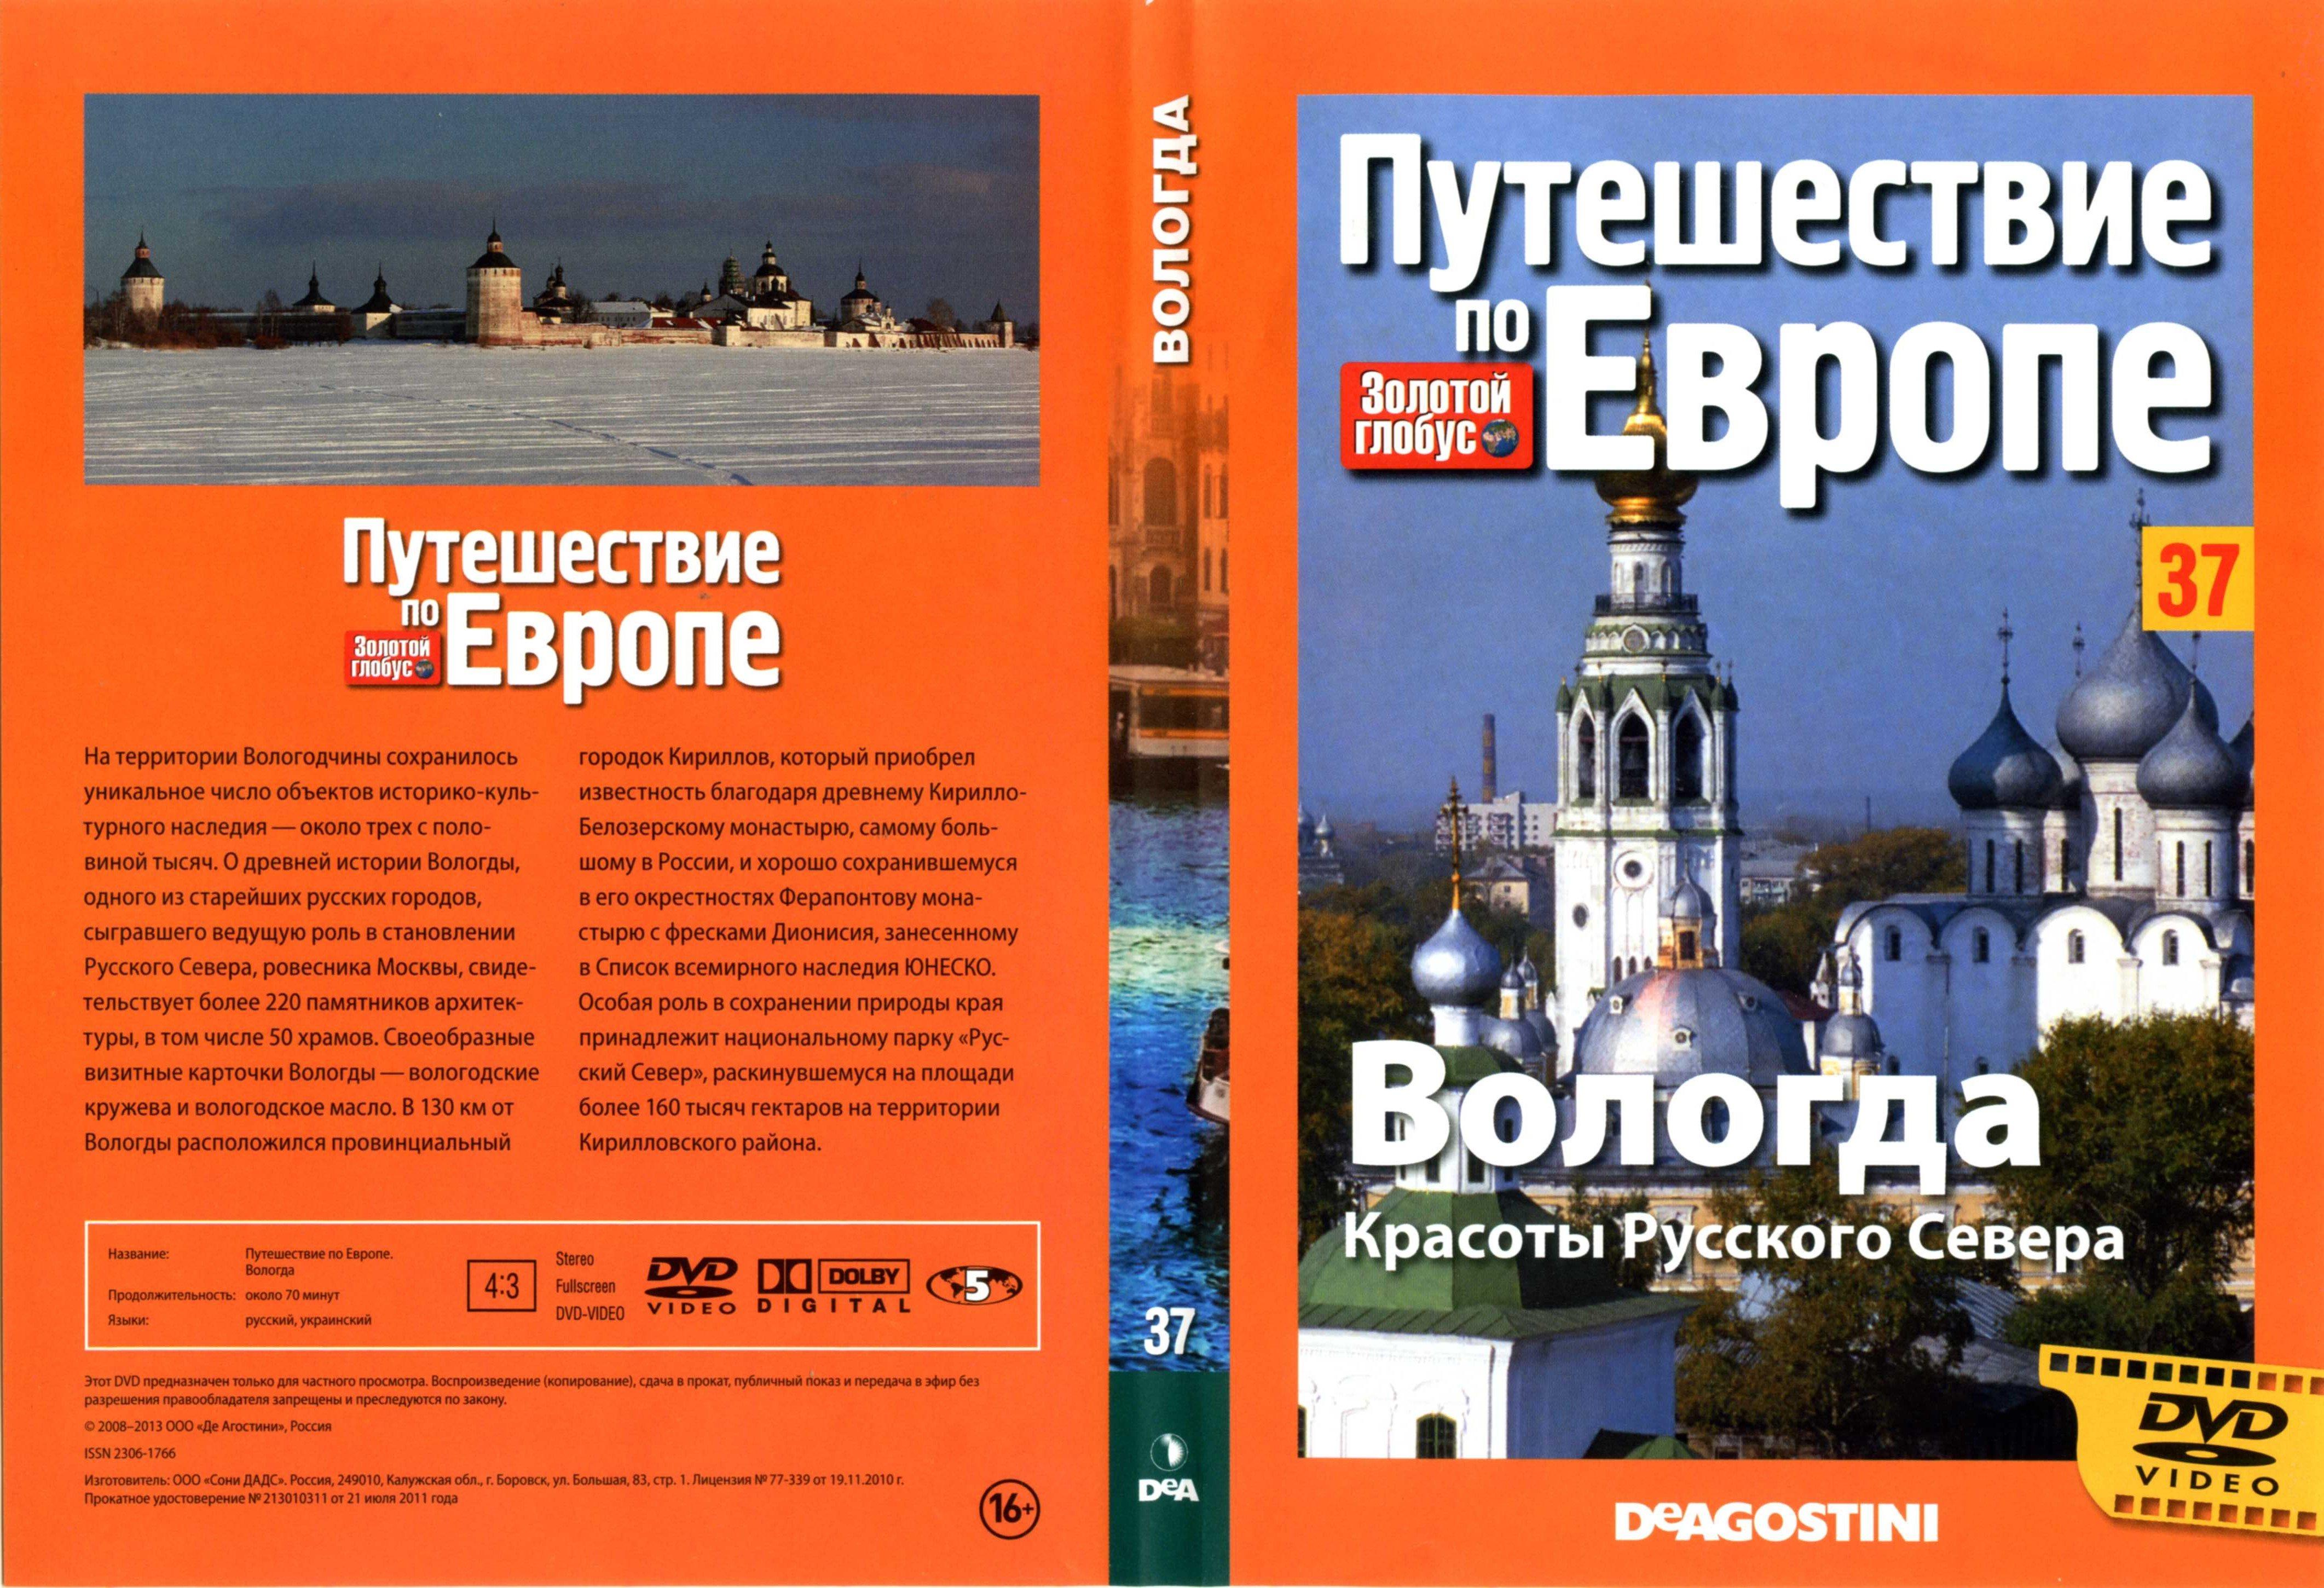 http://i5.imageban.ru/out/2013/10/14/16b7349cf9e08dc501743ff14139f226.jpg